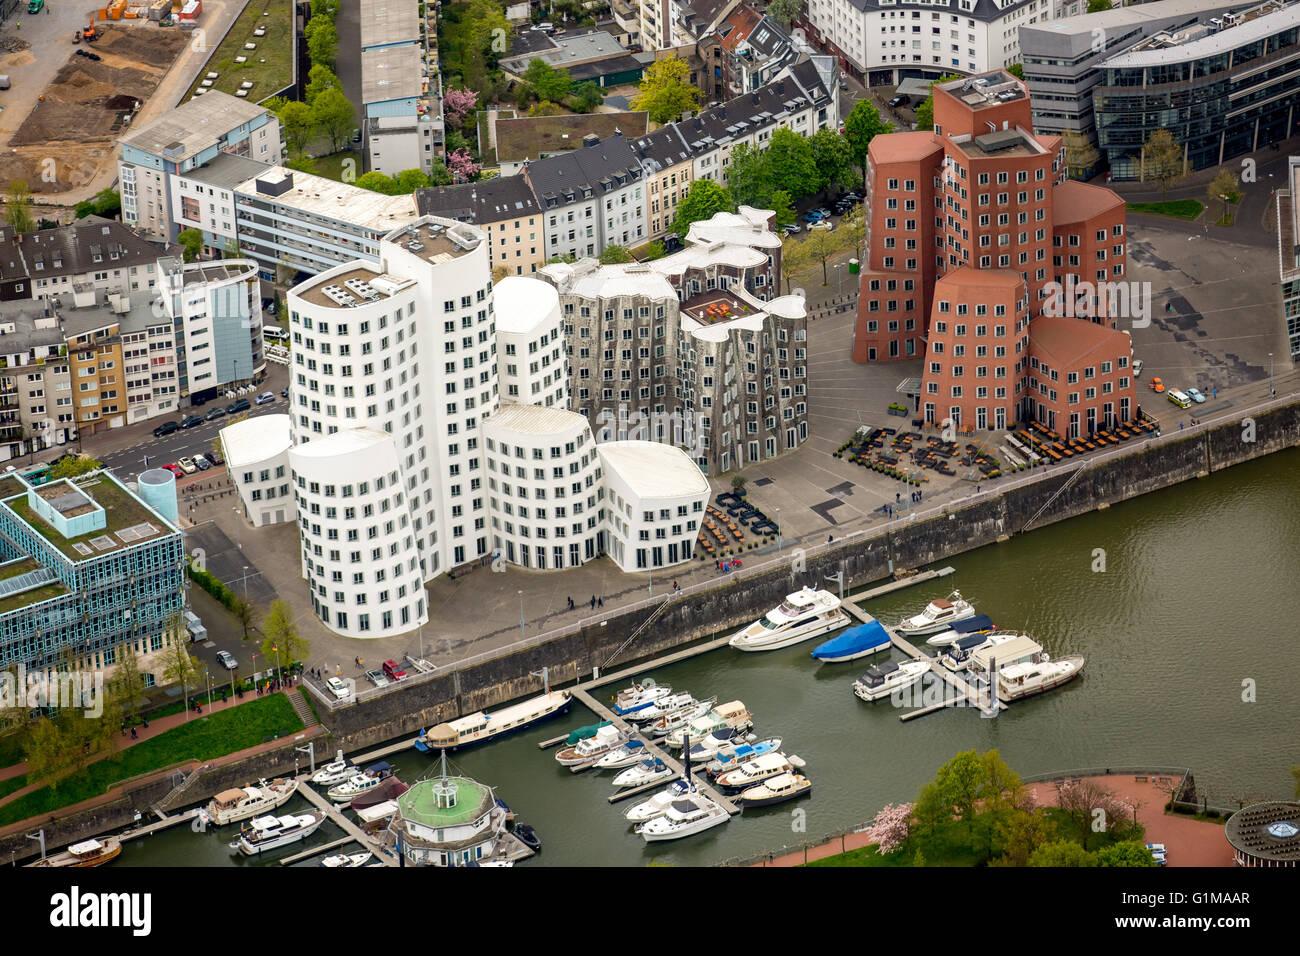 Vue aérienne, usage éditorial uniquement, bâtiments Gehry dans le Media Harbour Dusseldorf, architecture Photo Stock